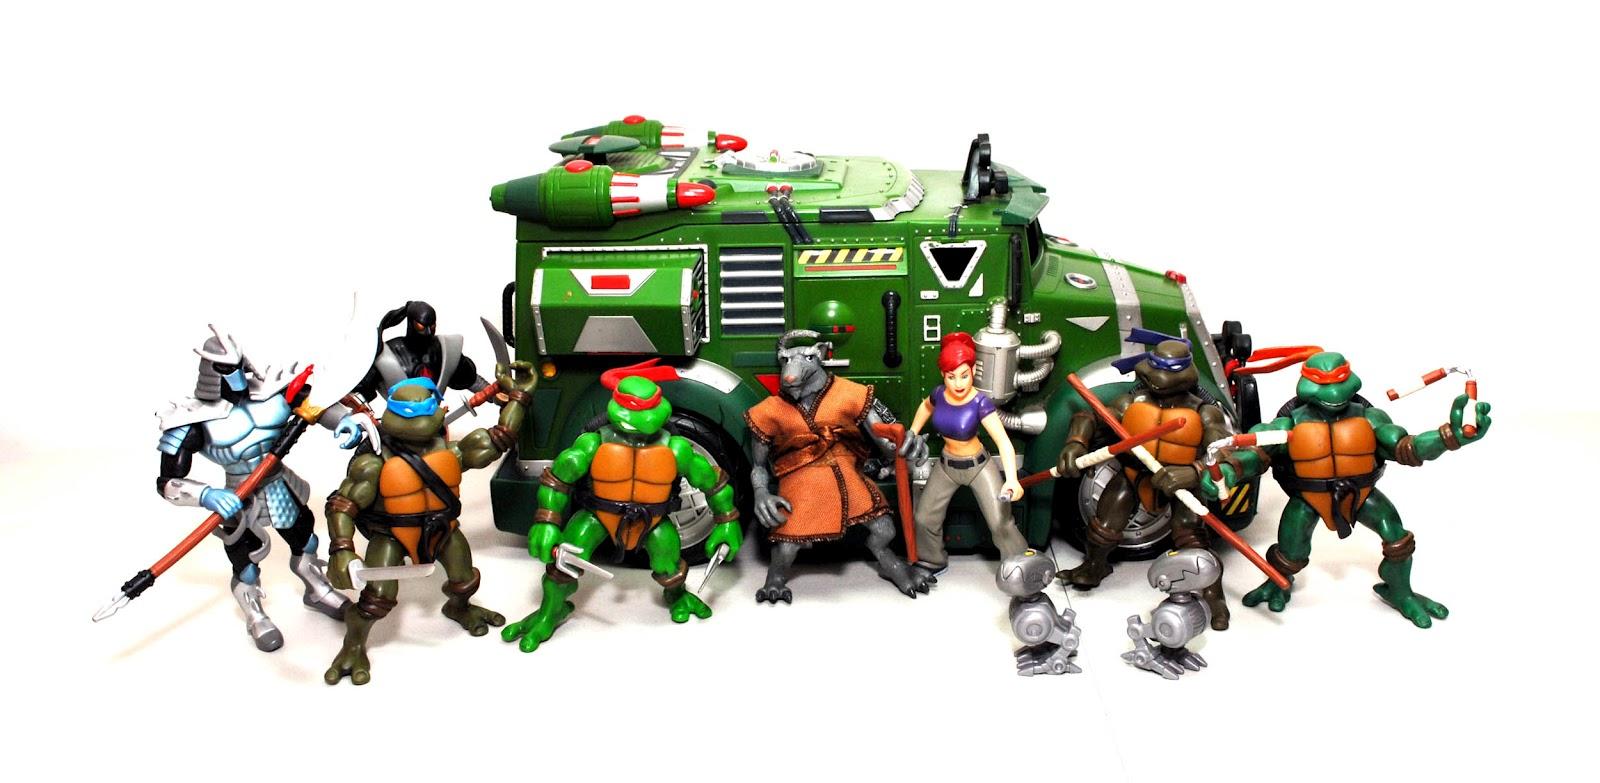 Teenage Mutant Ninja Turtles 2003 Toys : Saturday mornings forever teenage mutant ninja turtles